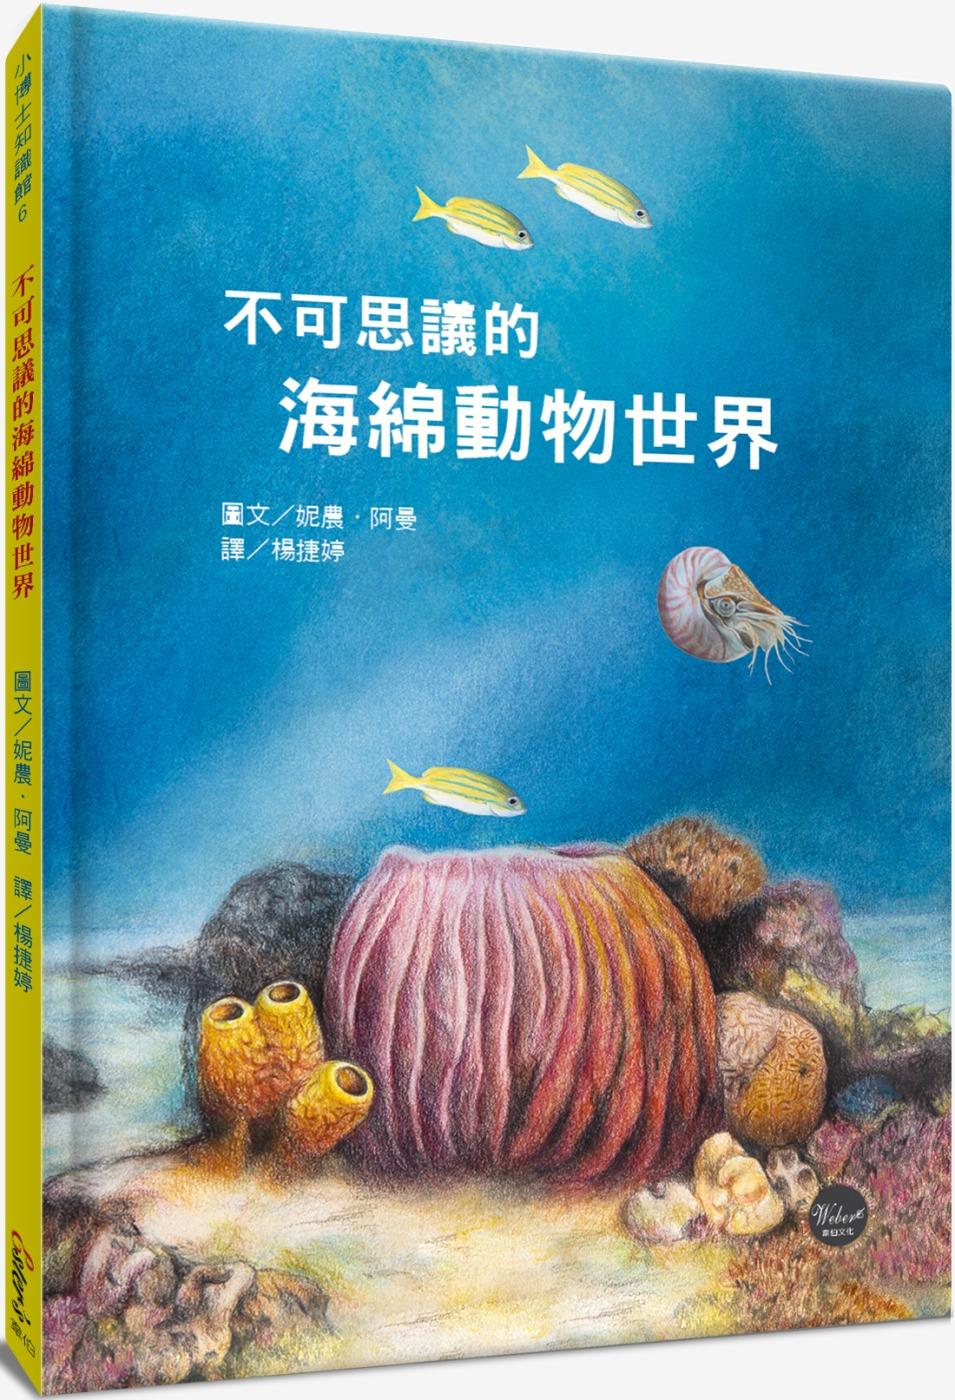 小博士知識館6:不可思議的海綿動物世界